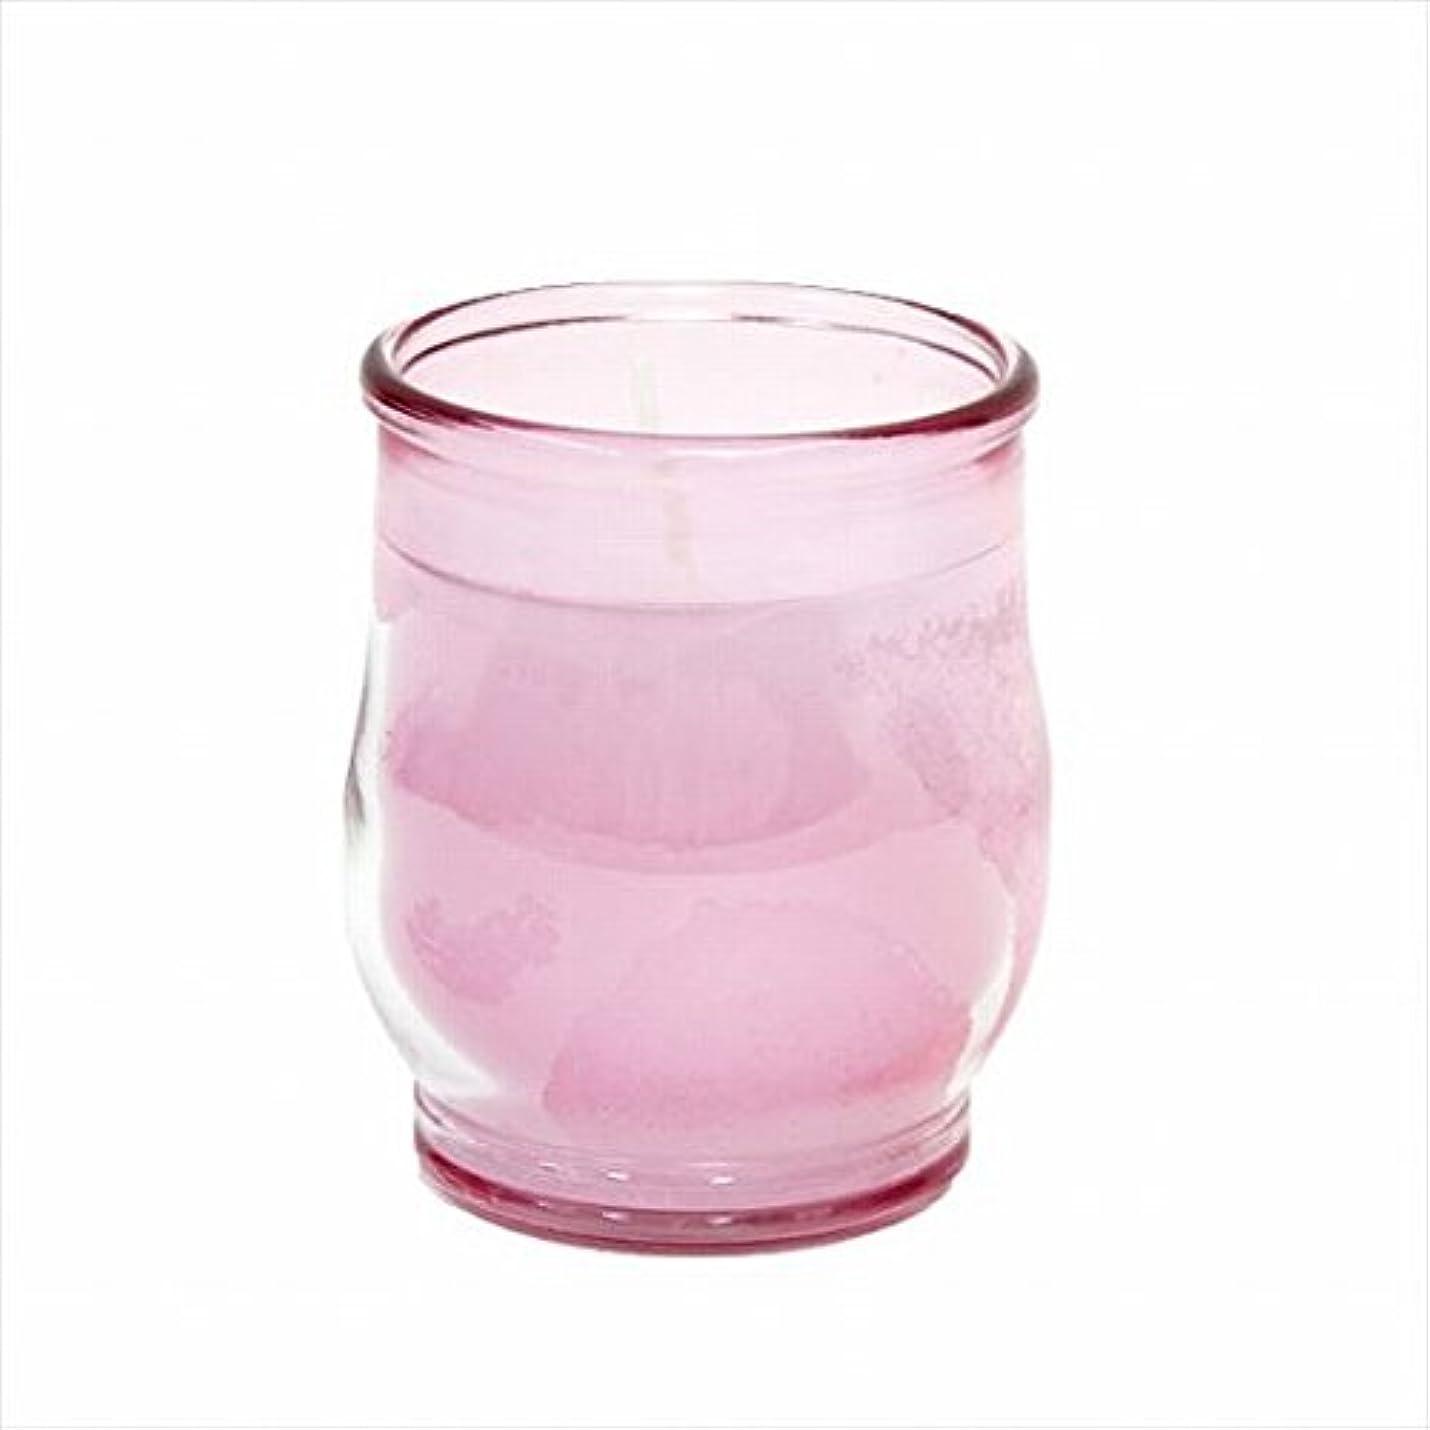 酸素最小化する評価するカメヤマキャンドル(kameyama candle) ポシェ(非常用コップローソク) 「 ピンク(ライトカラー) 」